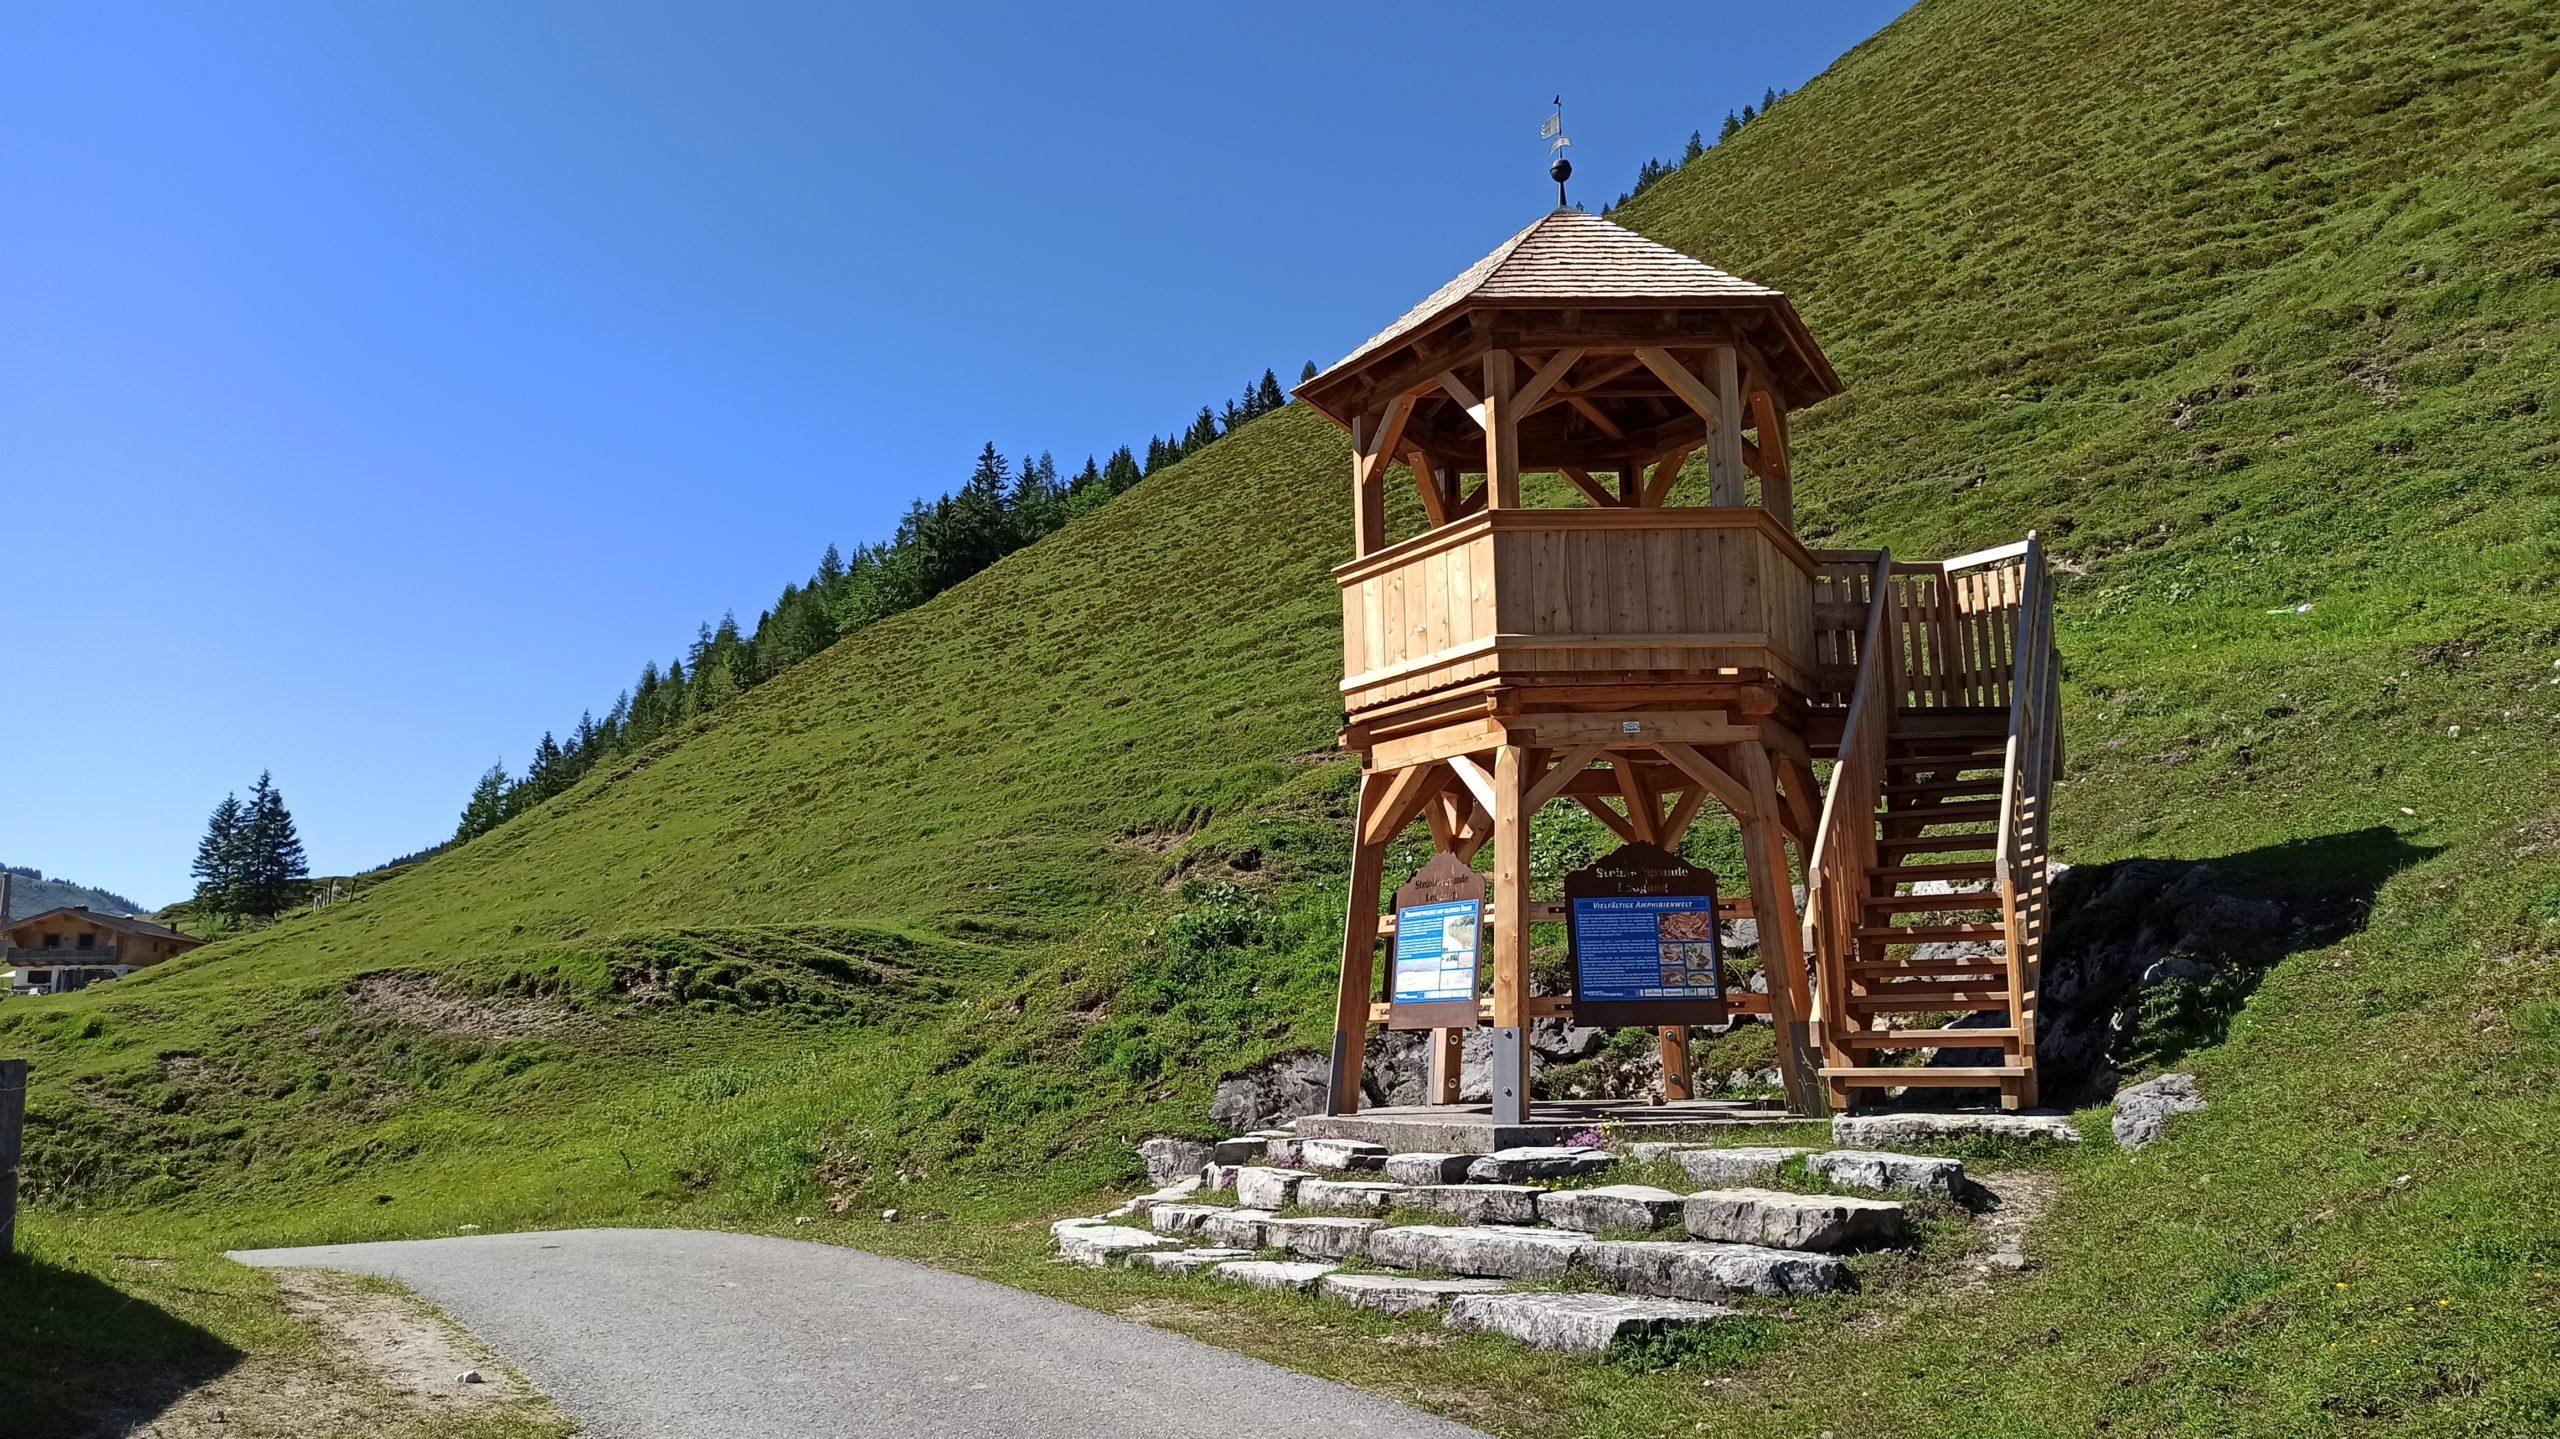 Der kleine Aussichtsturm unmittelbar am Radweg, dahinter der steile Hang